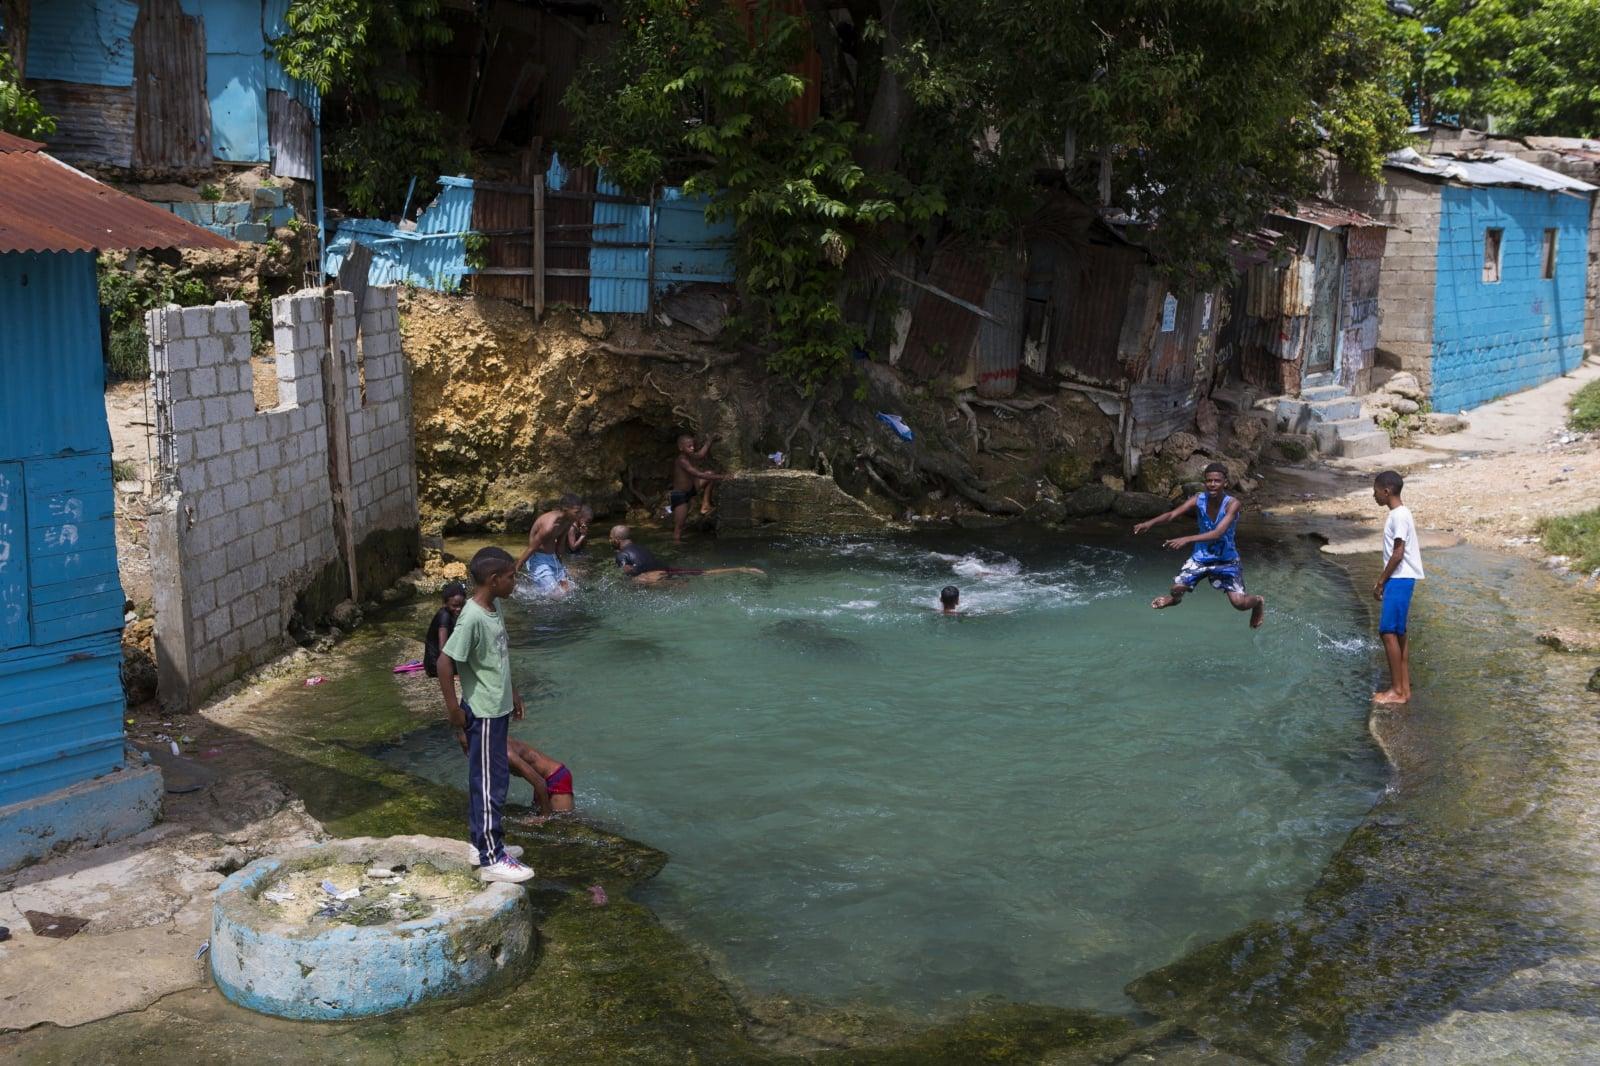 Dzieci bawią się w studni w dzielnicy Gualey, w Santo Domingo, Republika Dominikany,  fot. EPA/Orlando Barria